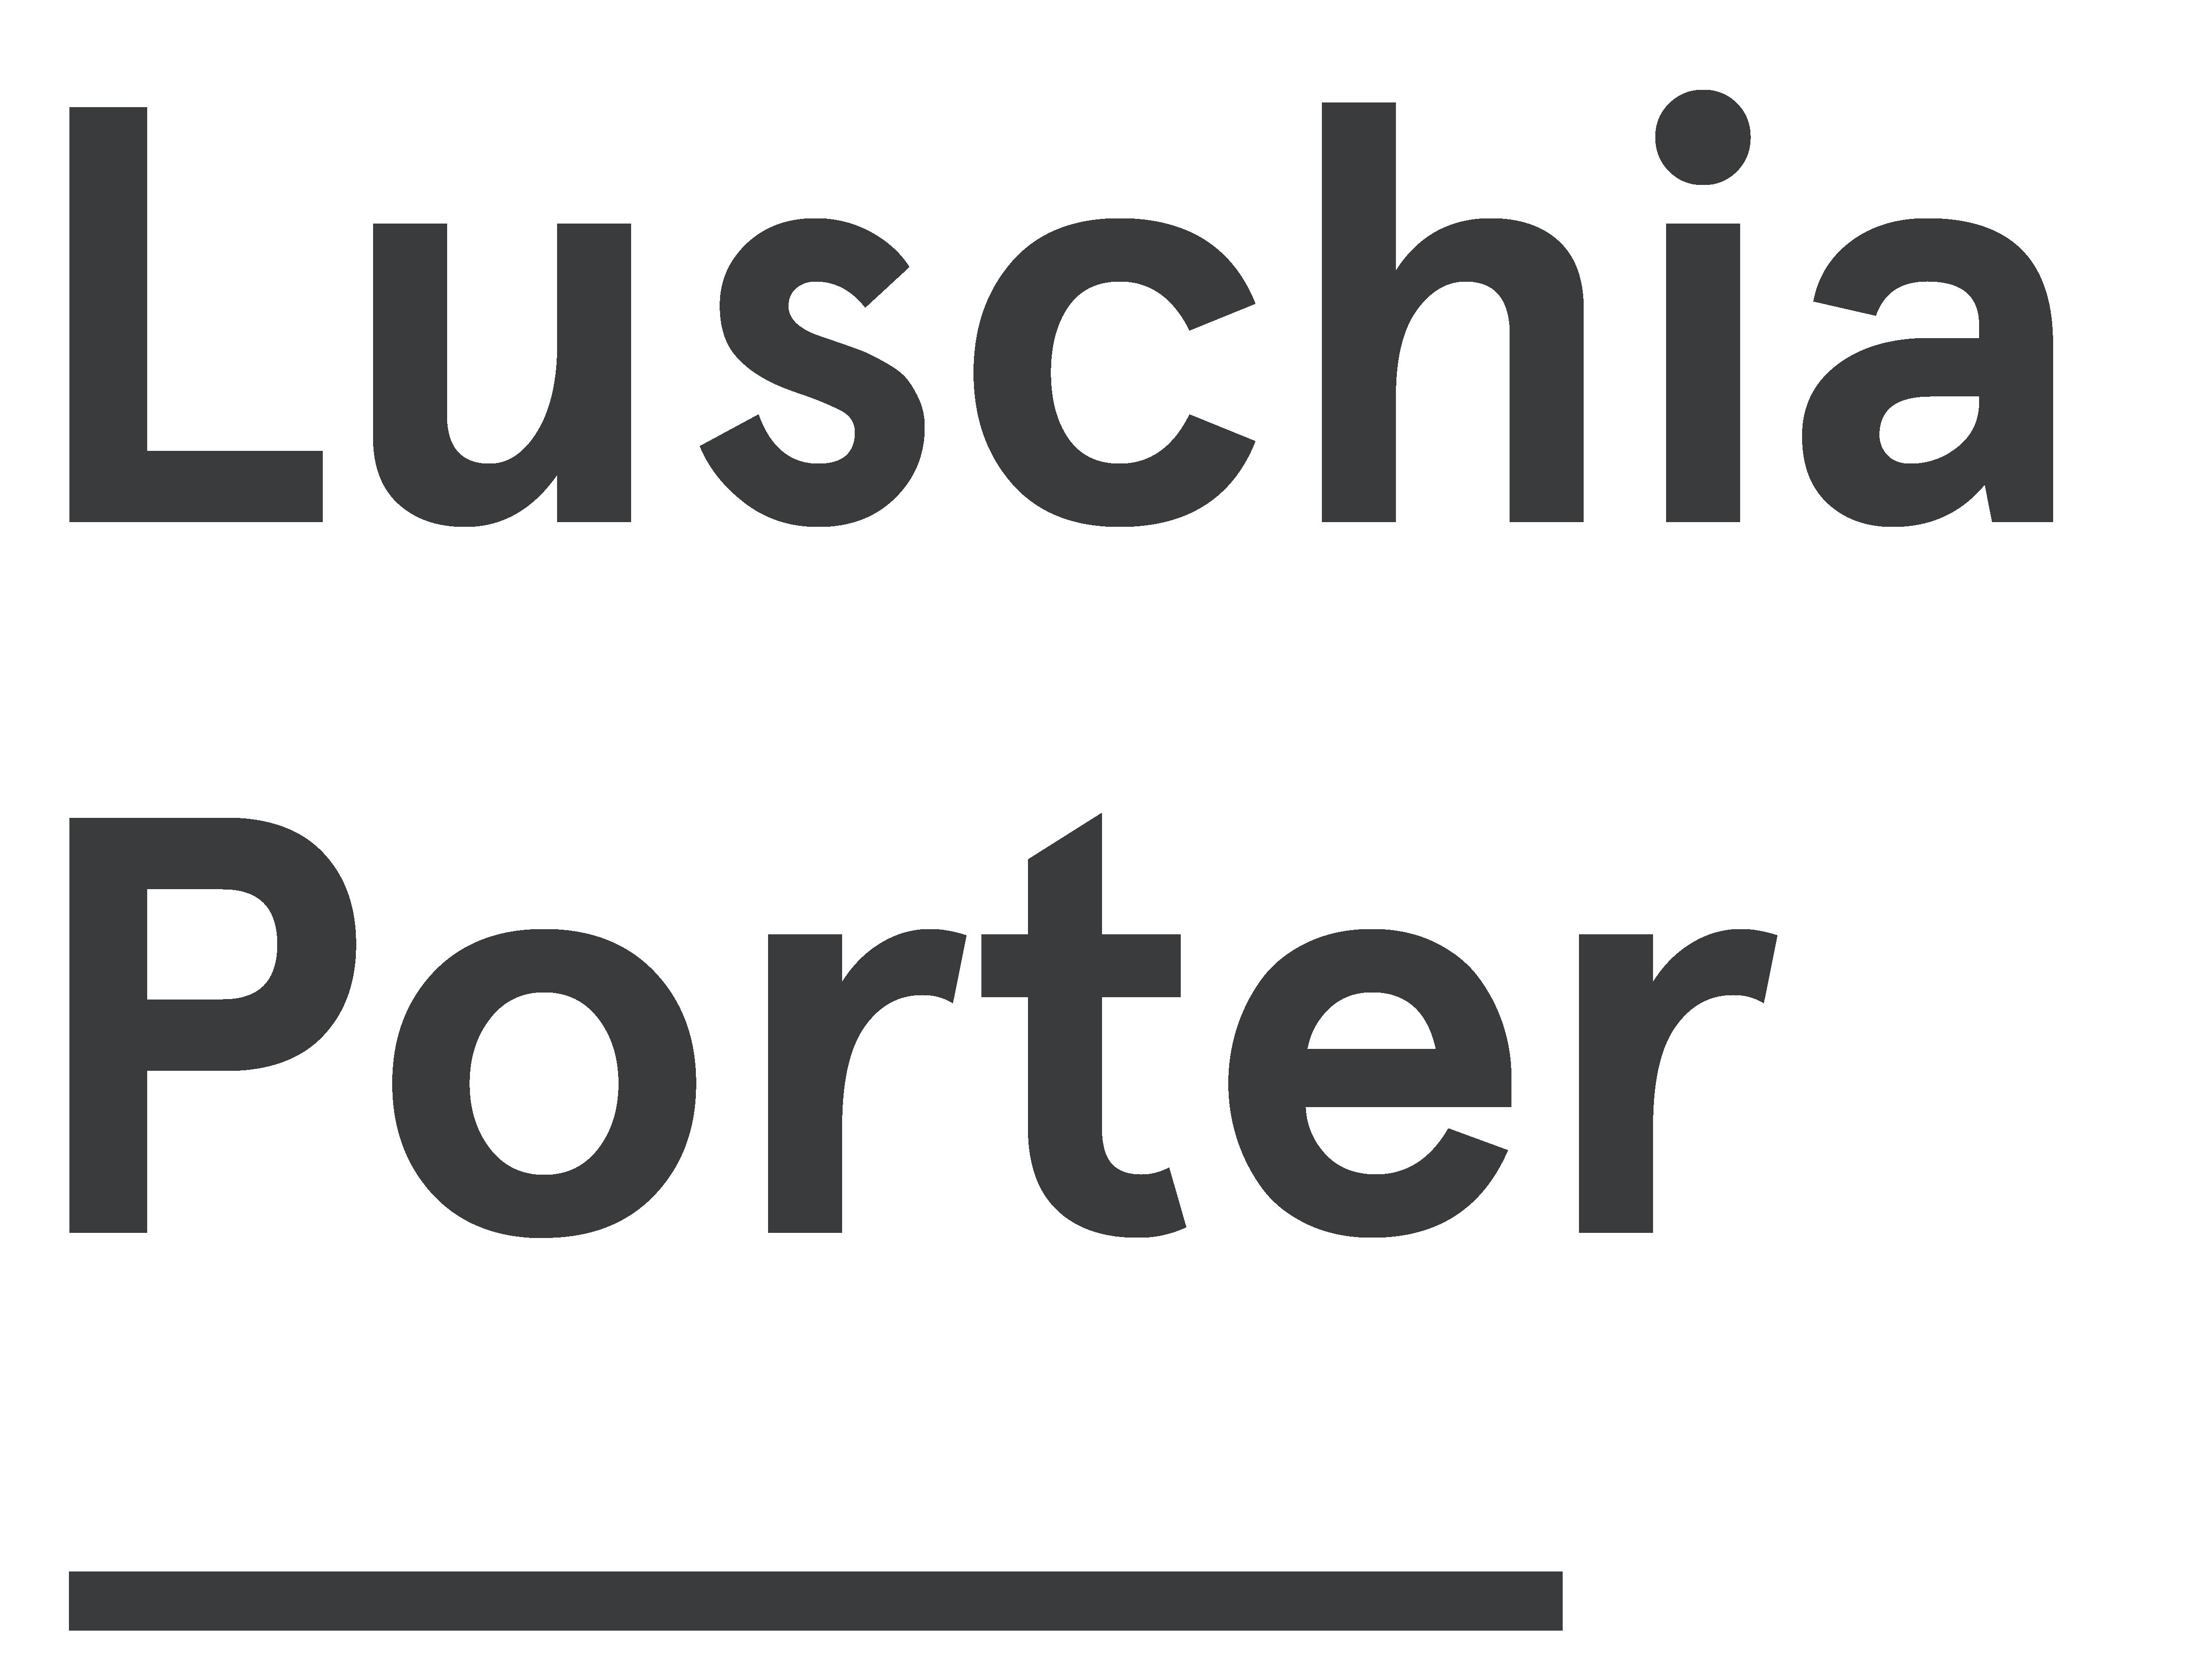 Luschia Porter